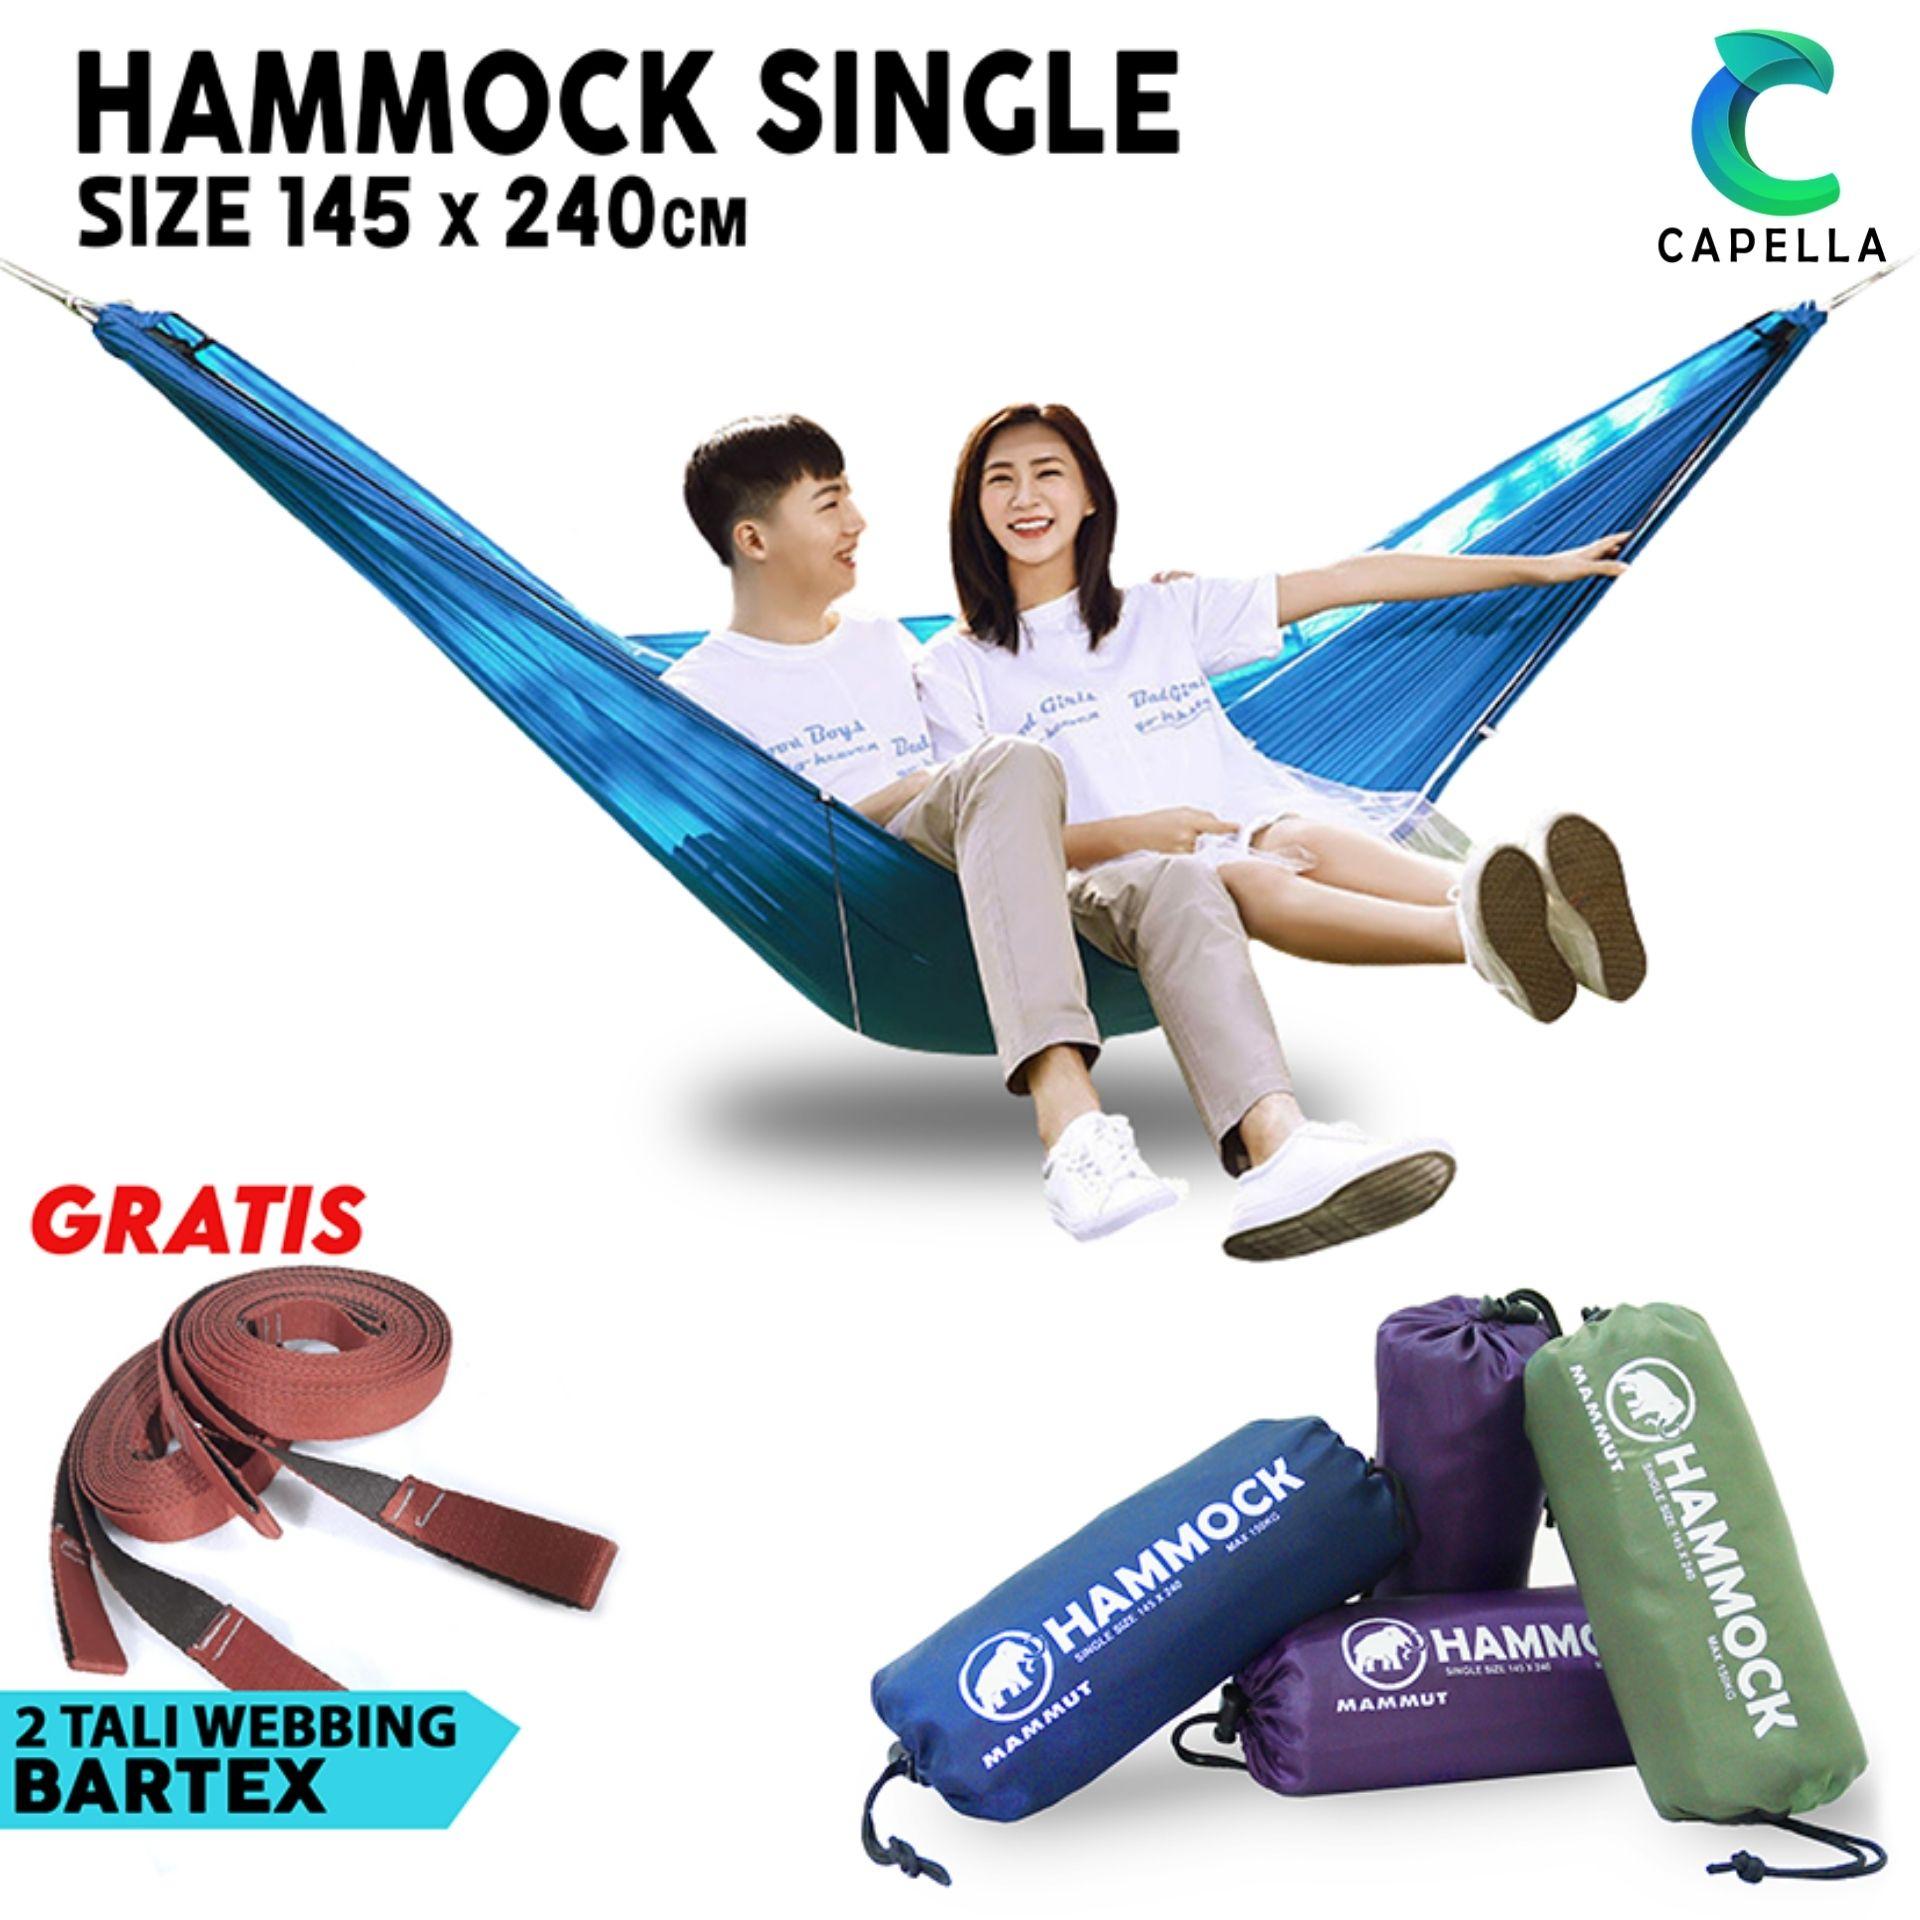 grosir hammock single ayunan gantung camping outdoor kuat ringan praktis untuk pendaki hiking traveling backpacking hamock hemock hemok